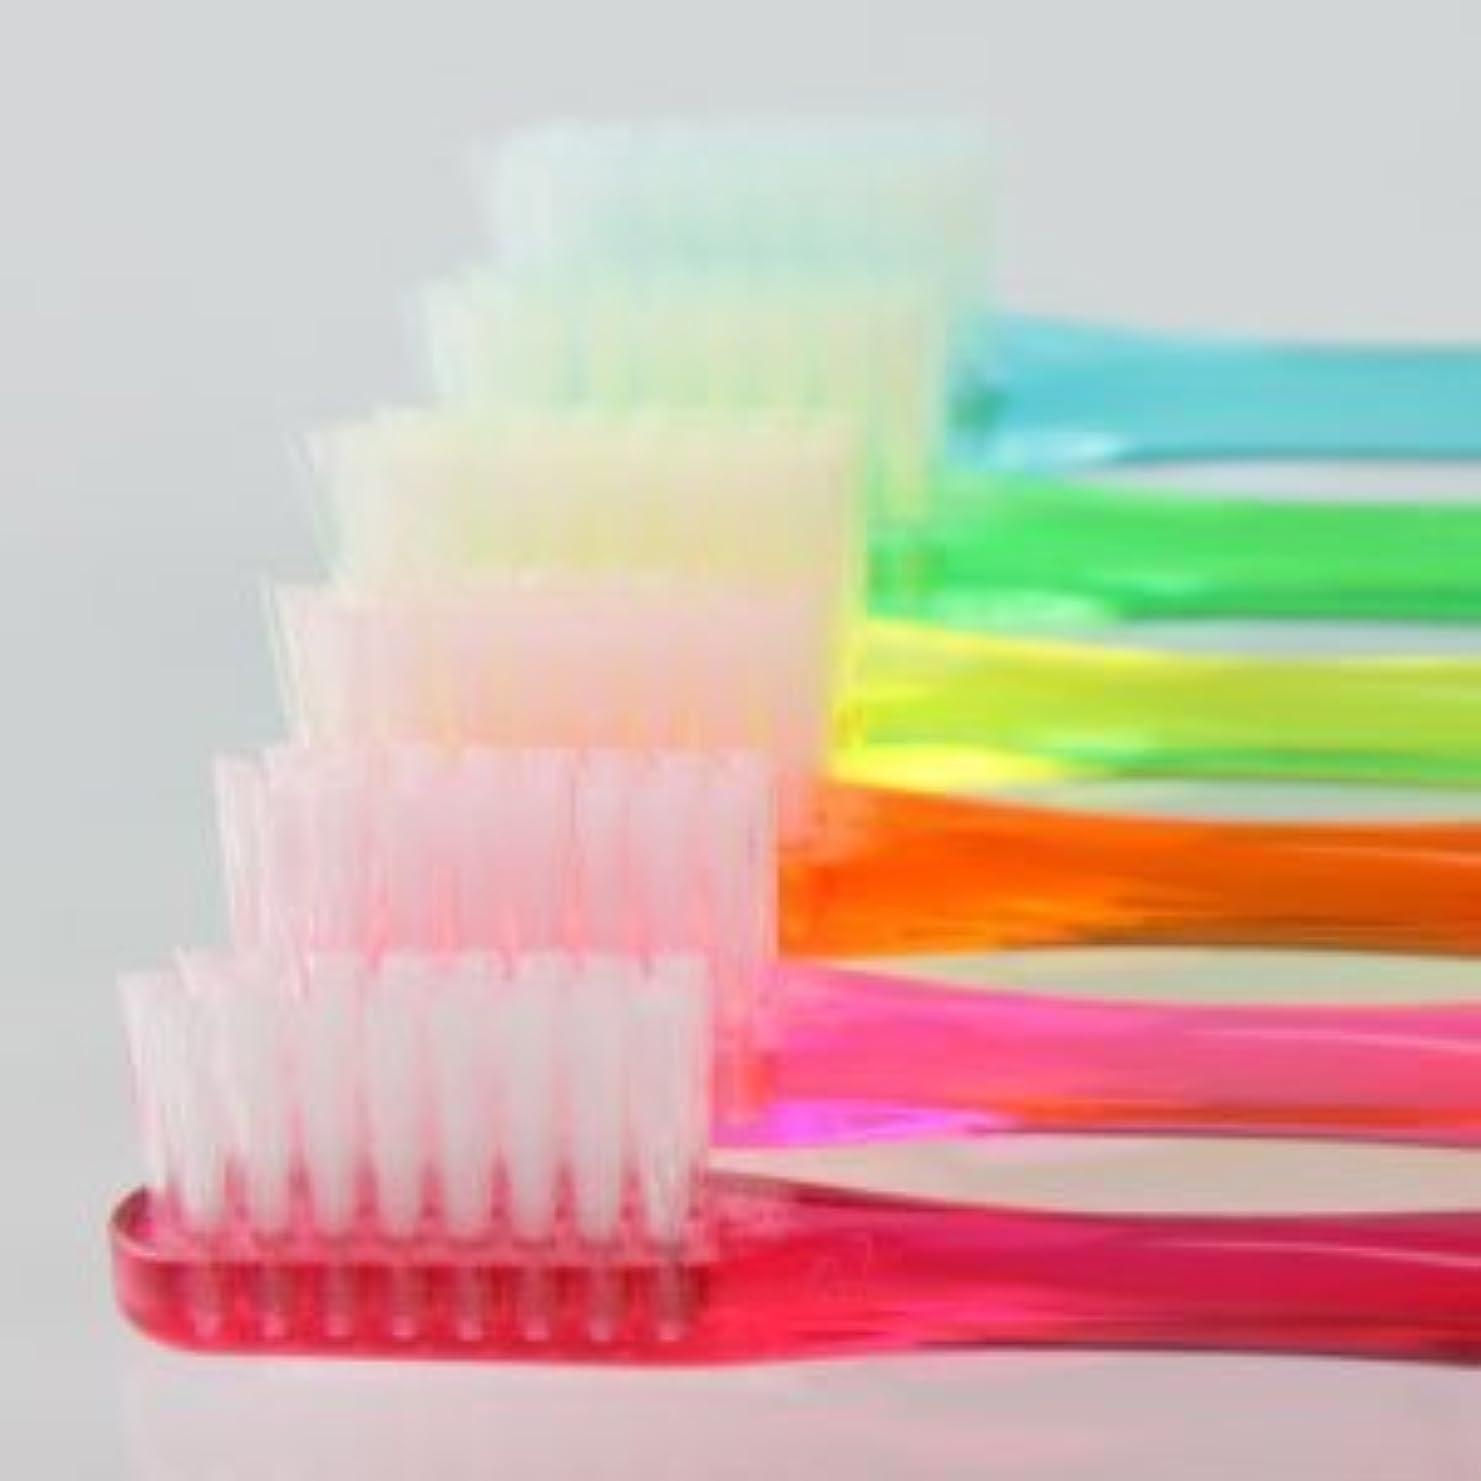 支配的日焼け王女サムフレンド 歯ブラシ #21(ミディアム) 6本 ※お色は当店お任せです